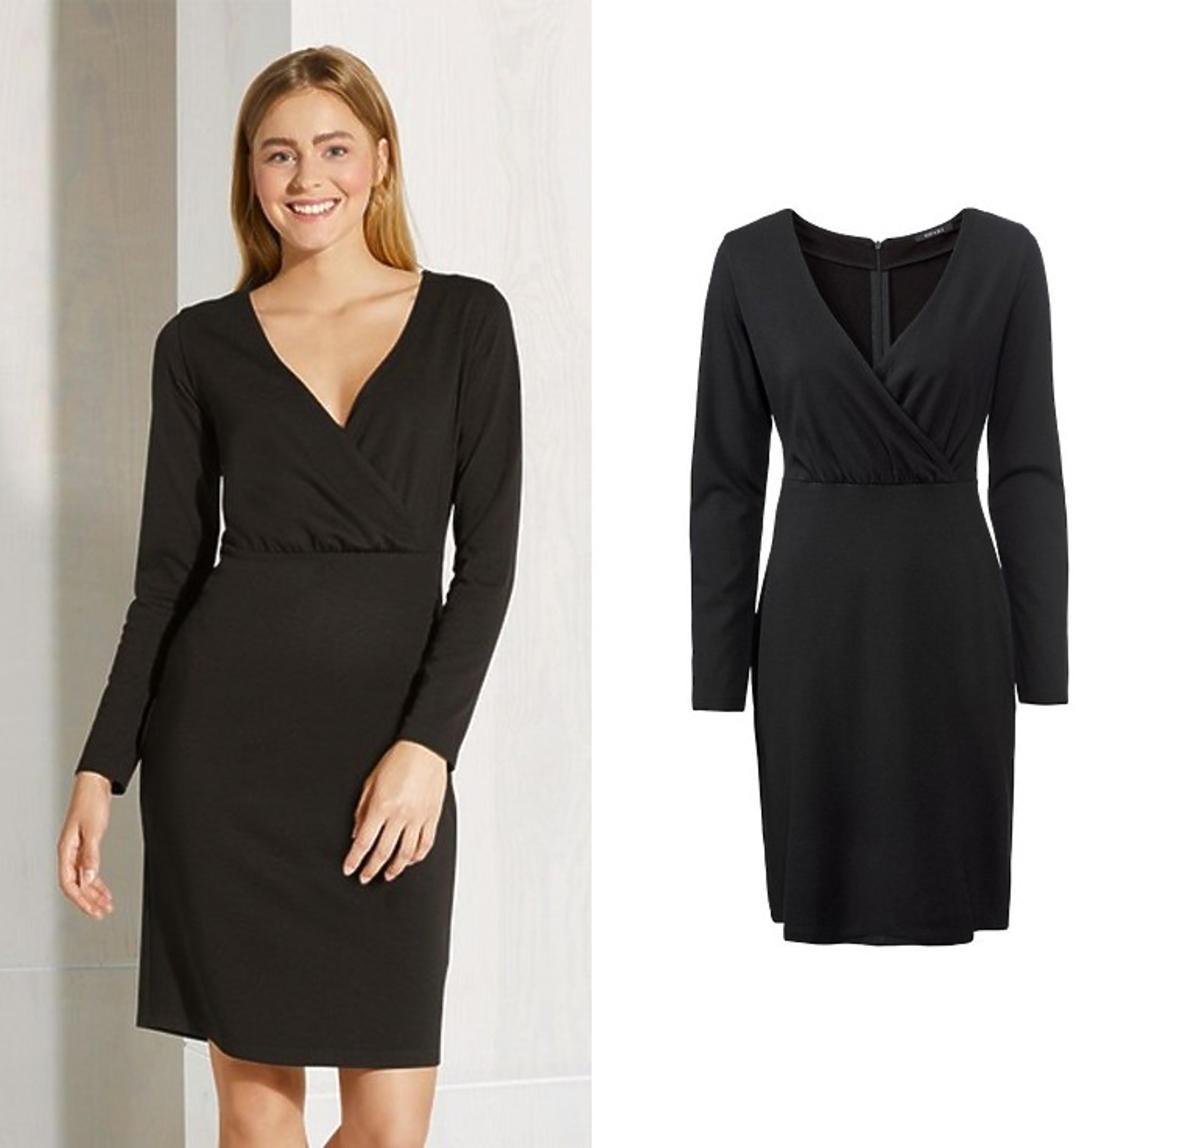 Czarna sukienka z Lidla do pracy, 44,99 zł